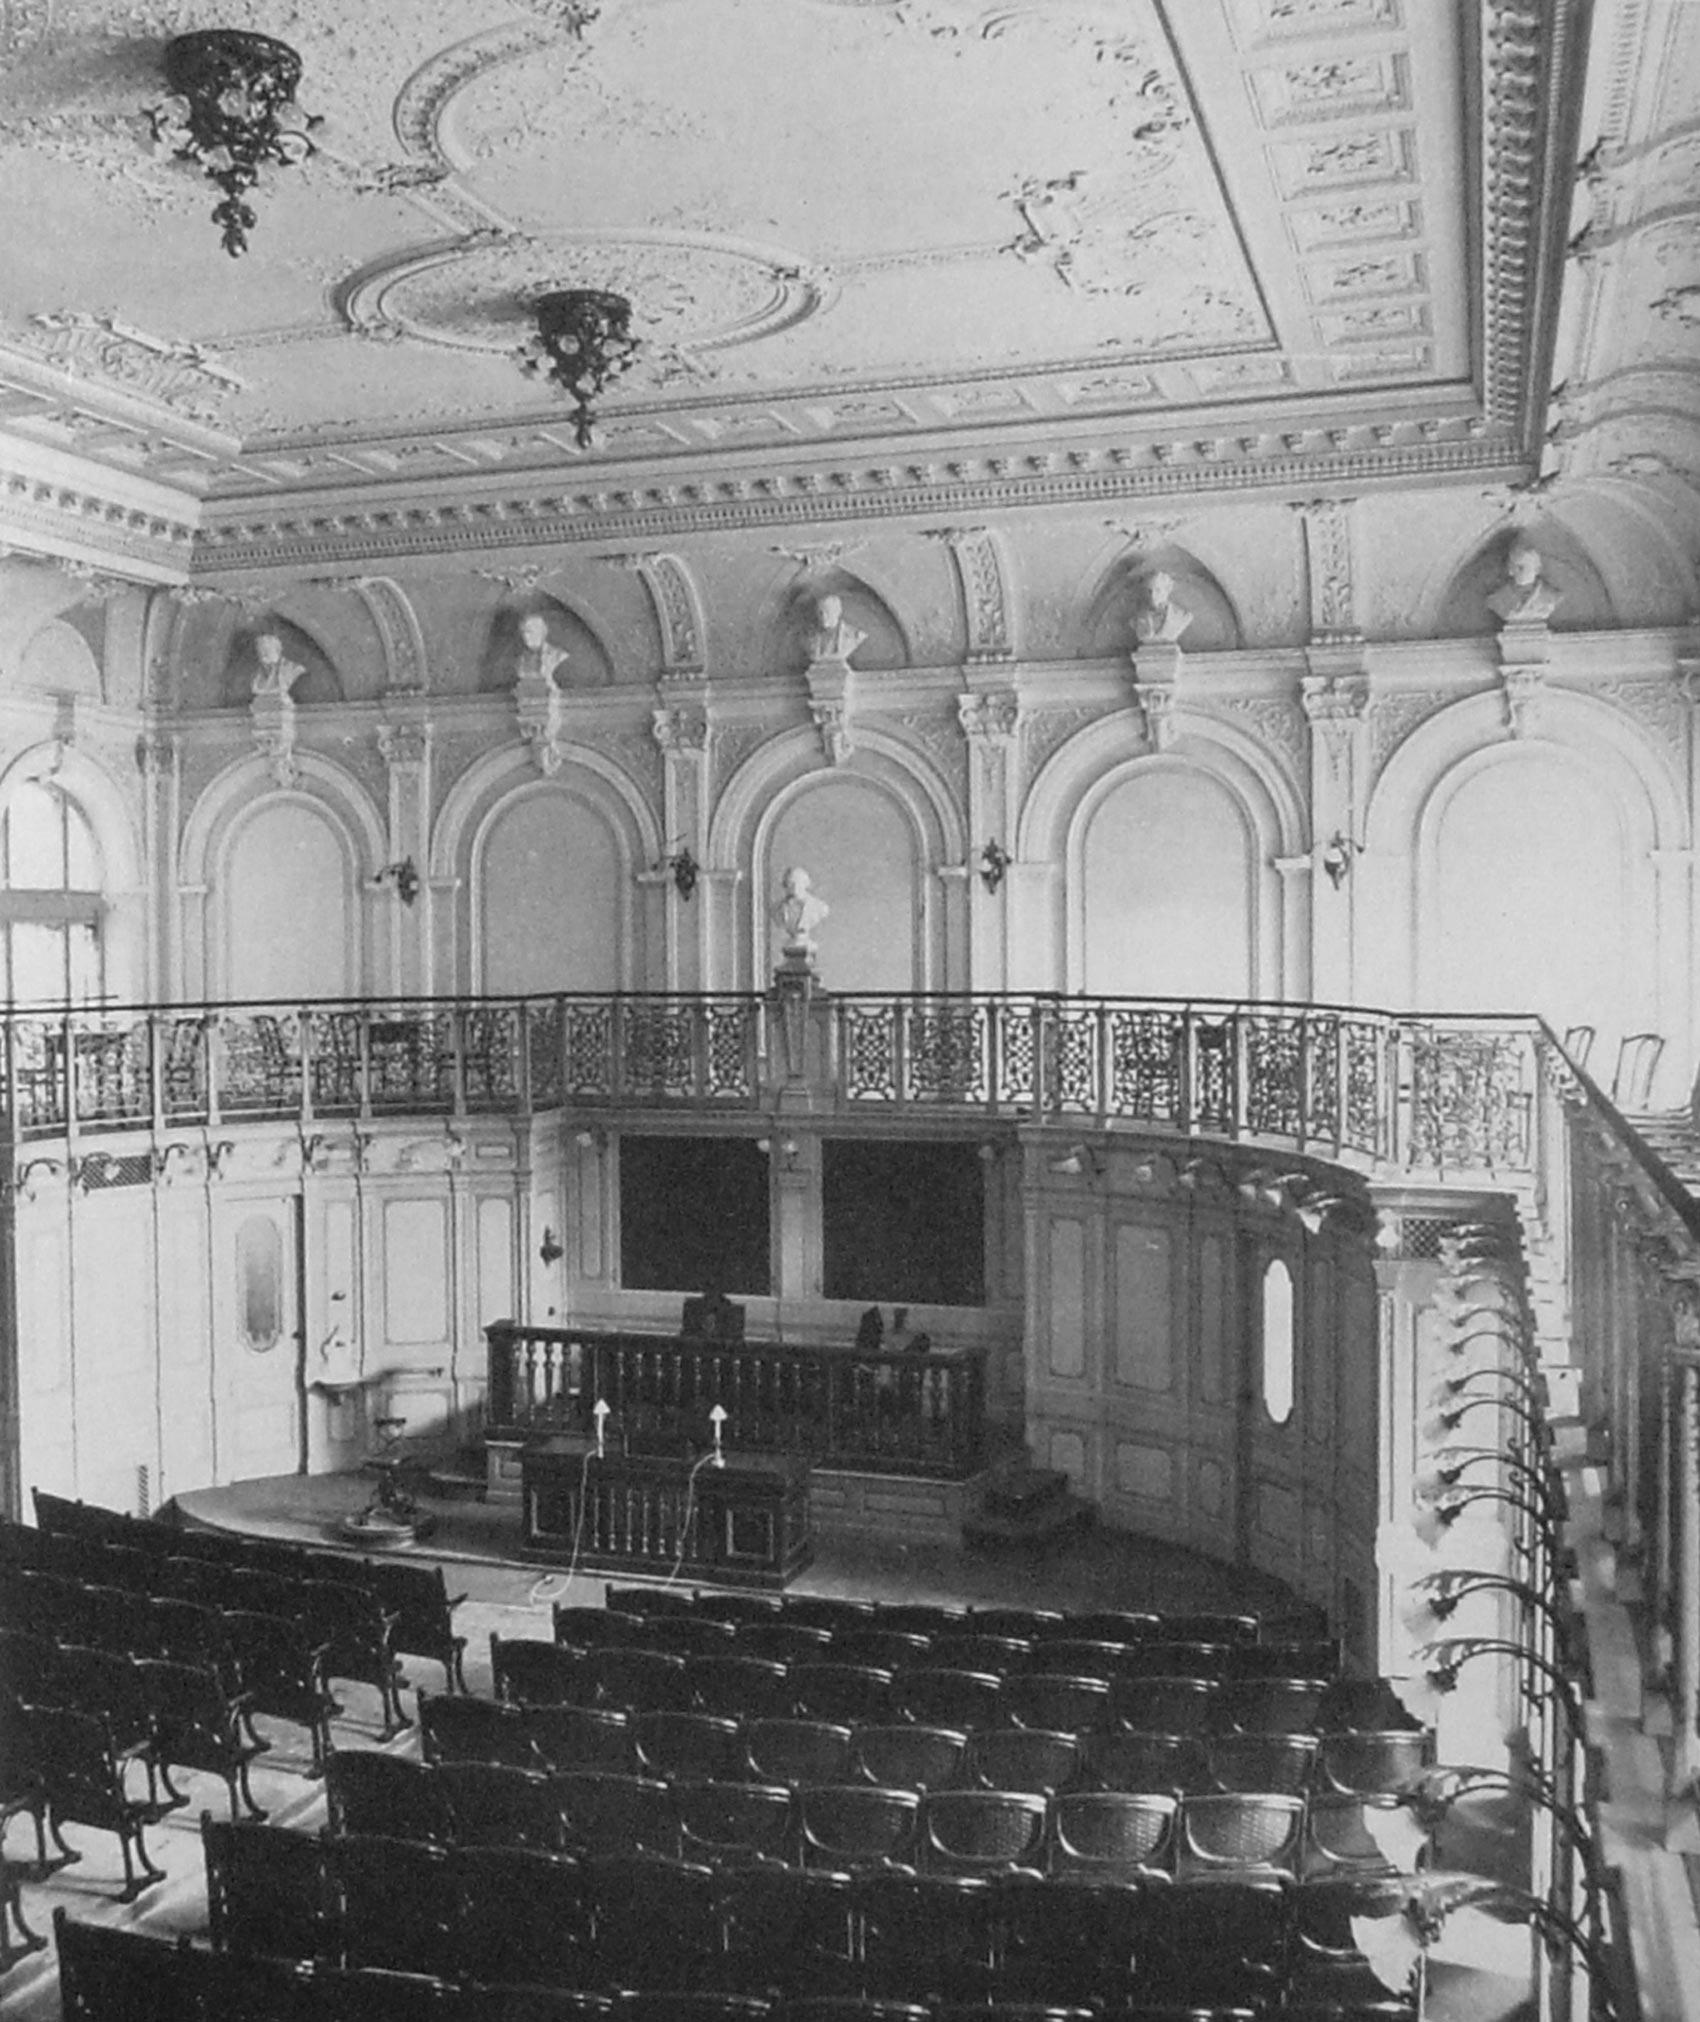 billrothhaus-geschichte-05-festsaal-1895